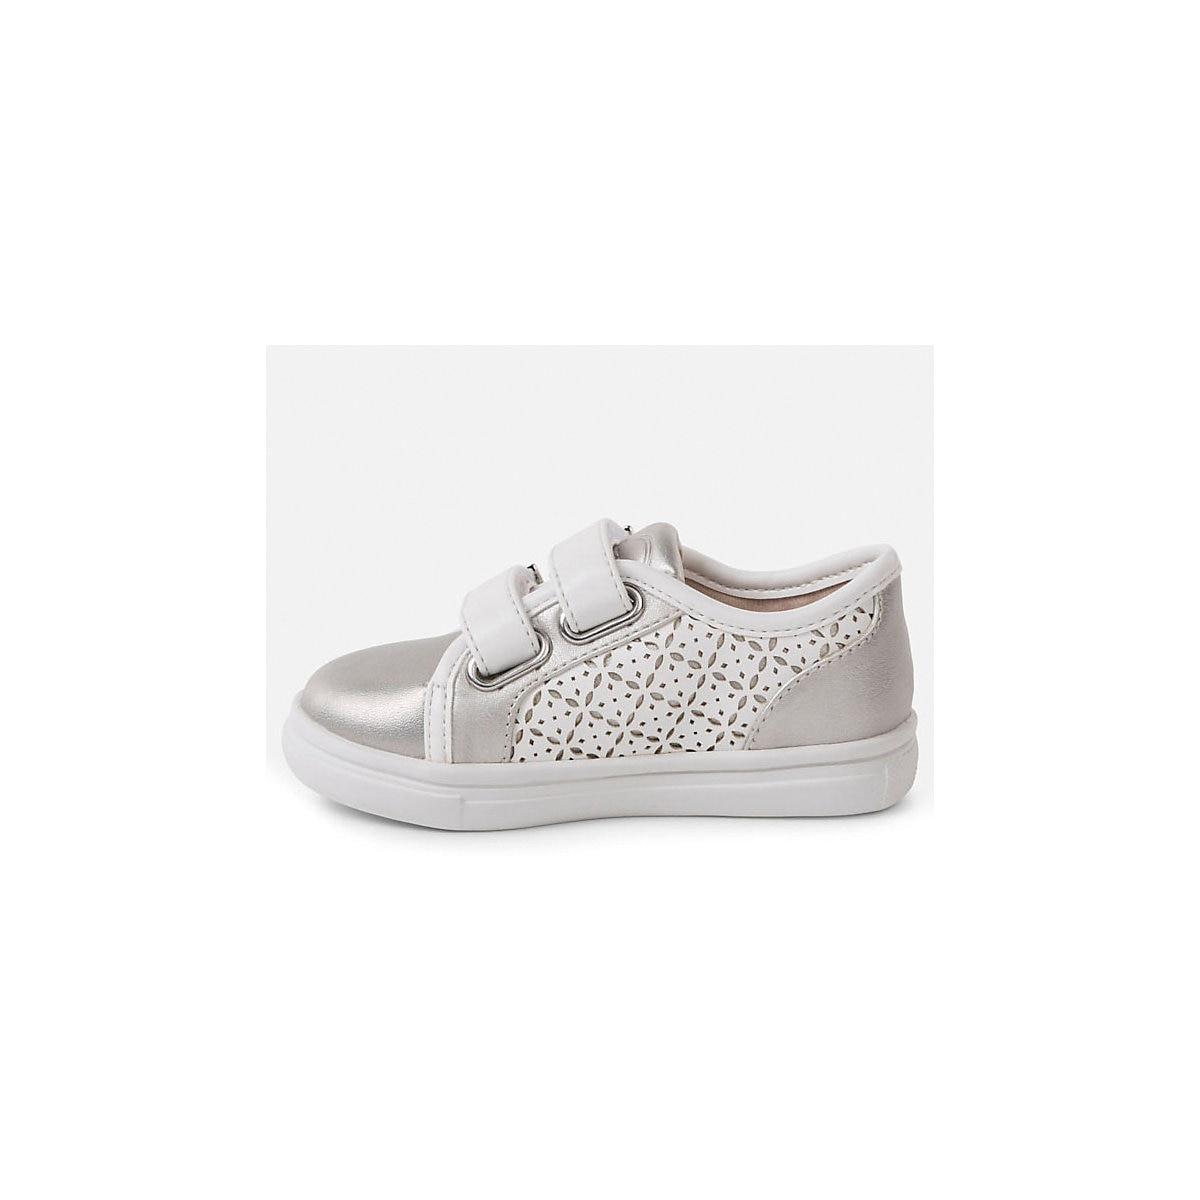 MAYORAL Kinderen Casual Schoenen 10642698 sneakers loopschoenen voor kinderen Zilver sport Meisjes PU - 2